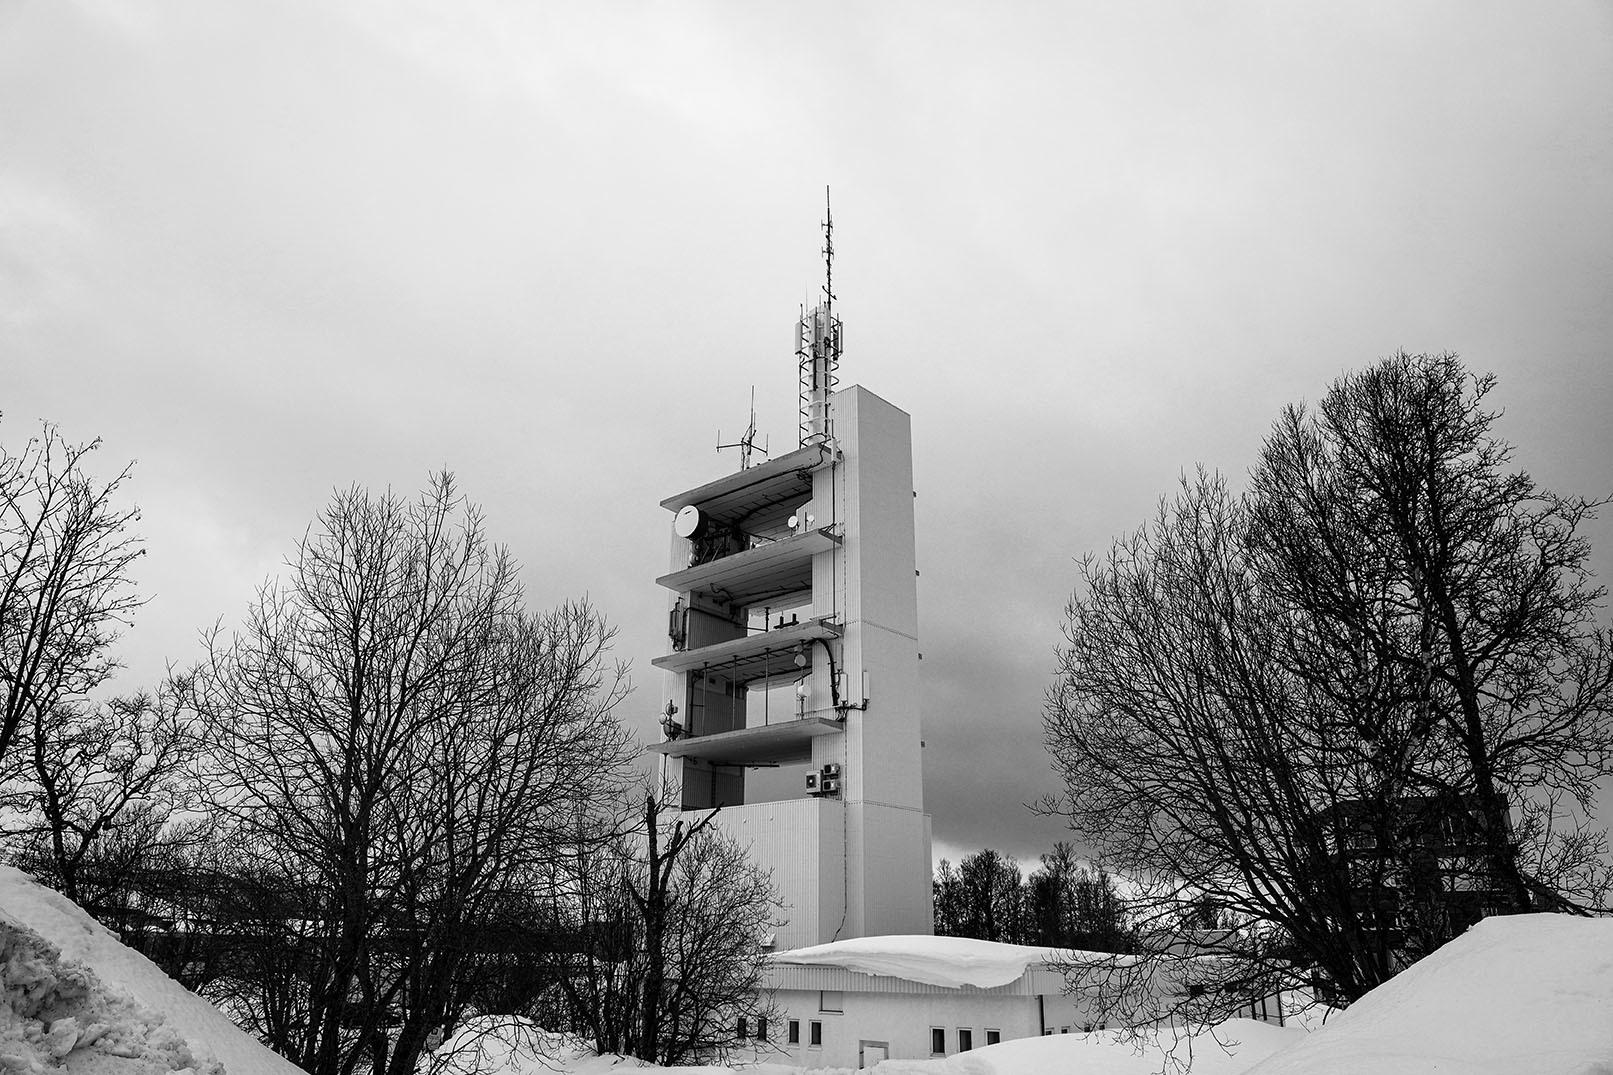 Sendetaarn-2-infrastruktur-rapport-1